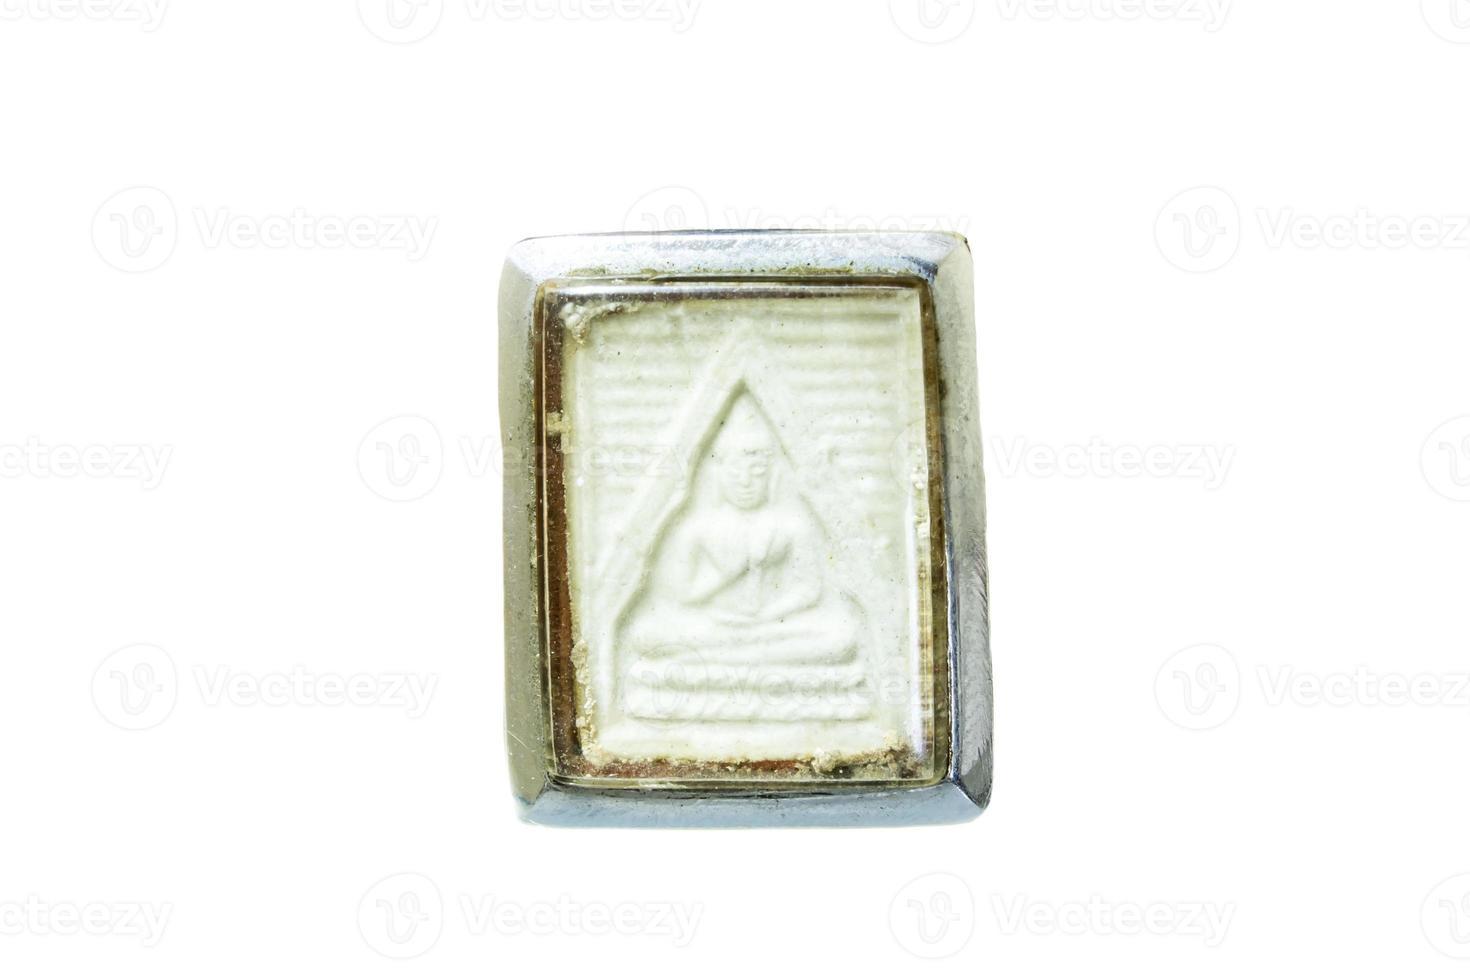 amuleto velho isolado no branco foto